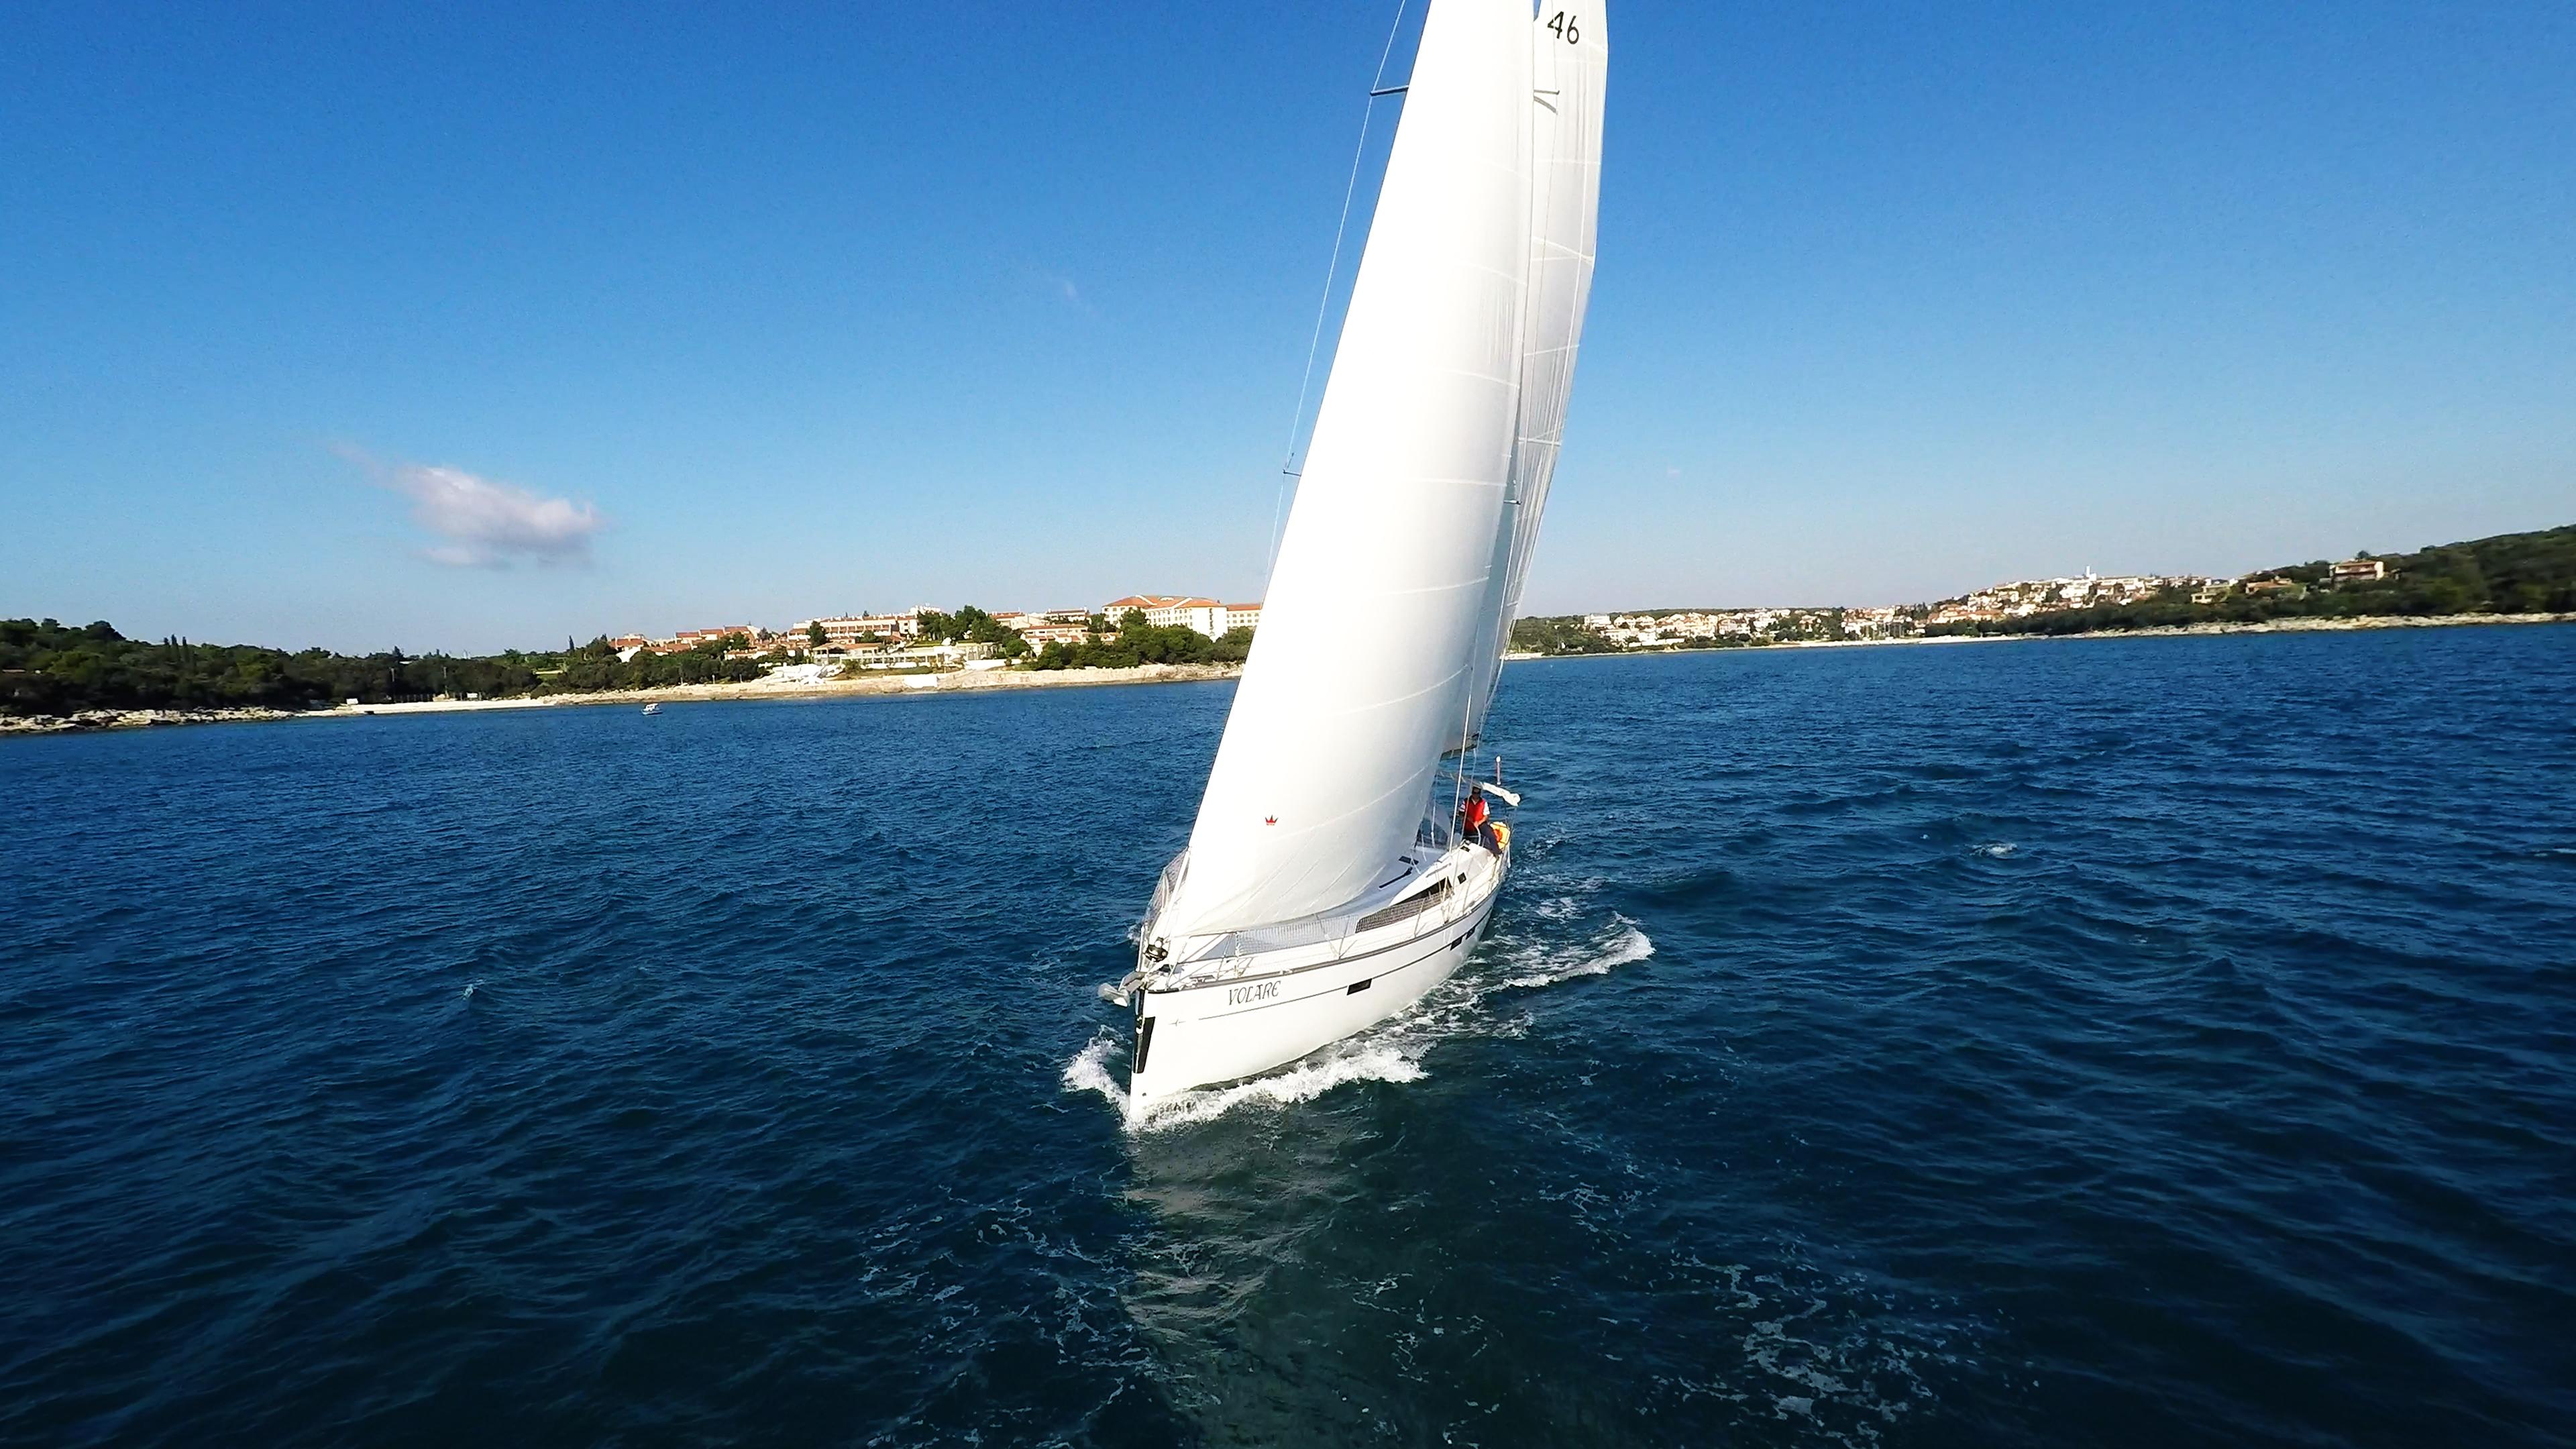 barcha a vela vela barca a vela bavaria 46 cruiser yacht a vela Croazia